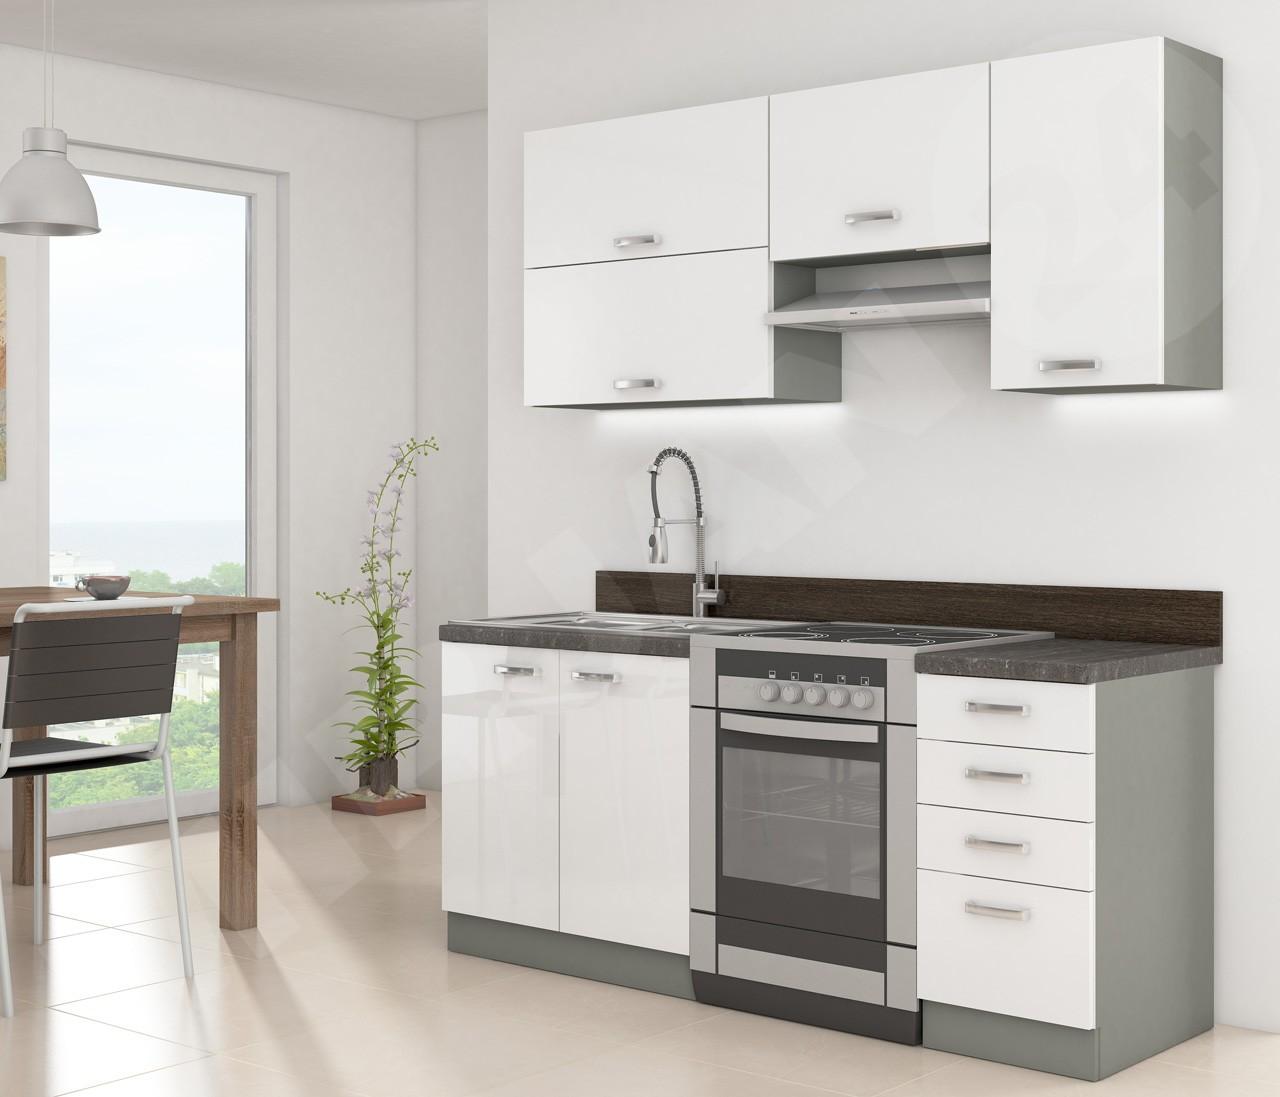 Full Size of Kchenmbel Multiline Ii Mirjan24 Wohnzimmer Küchenmöbel